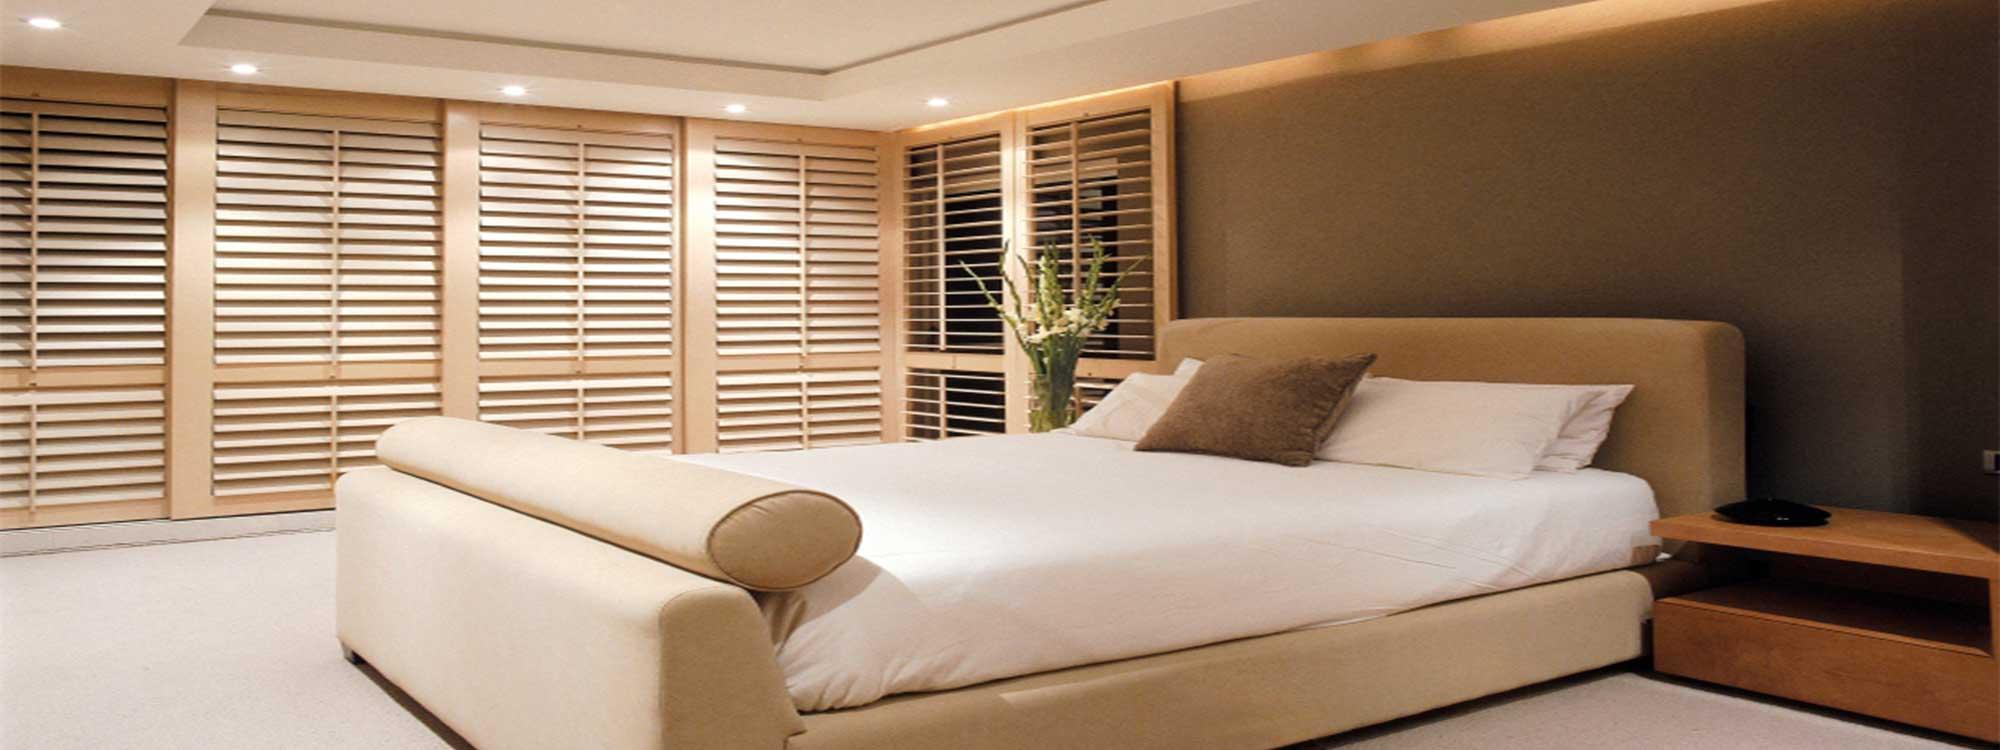 White-Teak-shutters-bedroom-